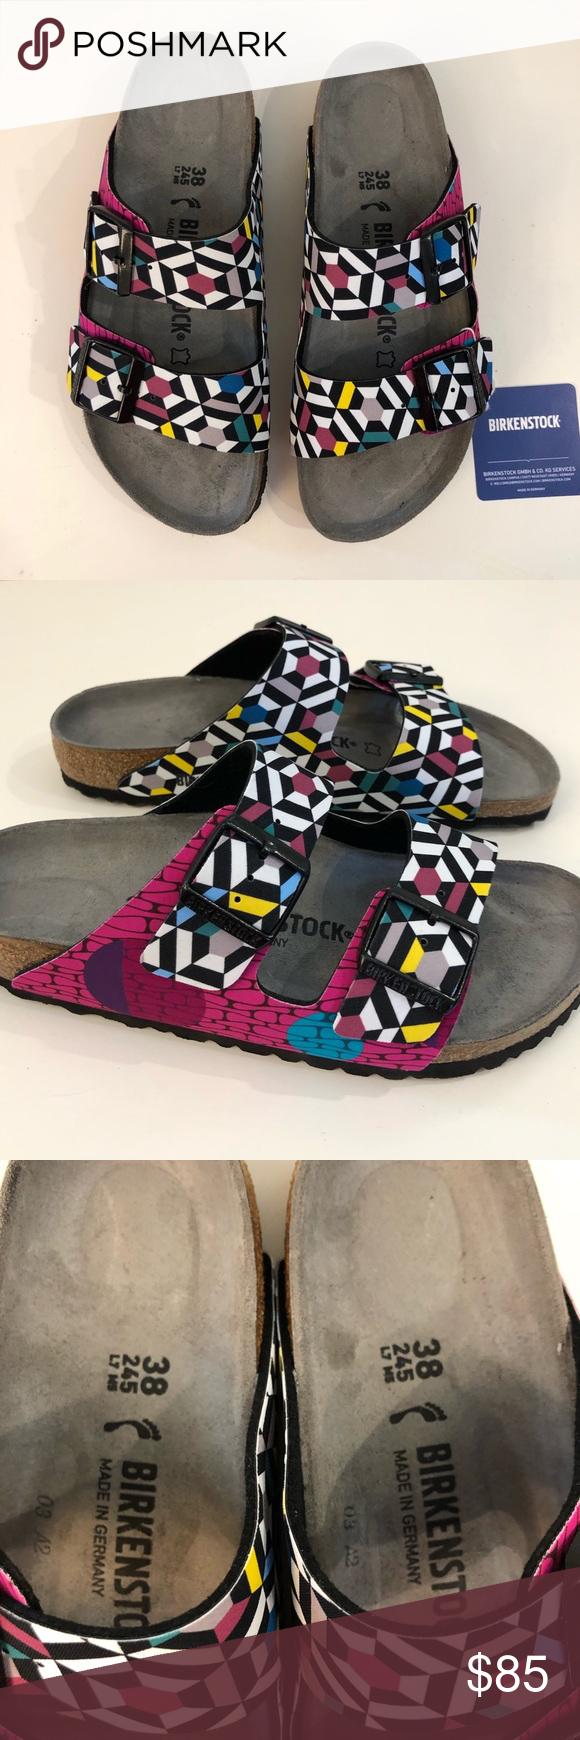 Birkenstock sandals, Birkenstock shoes